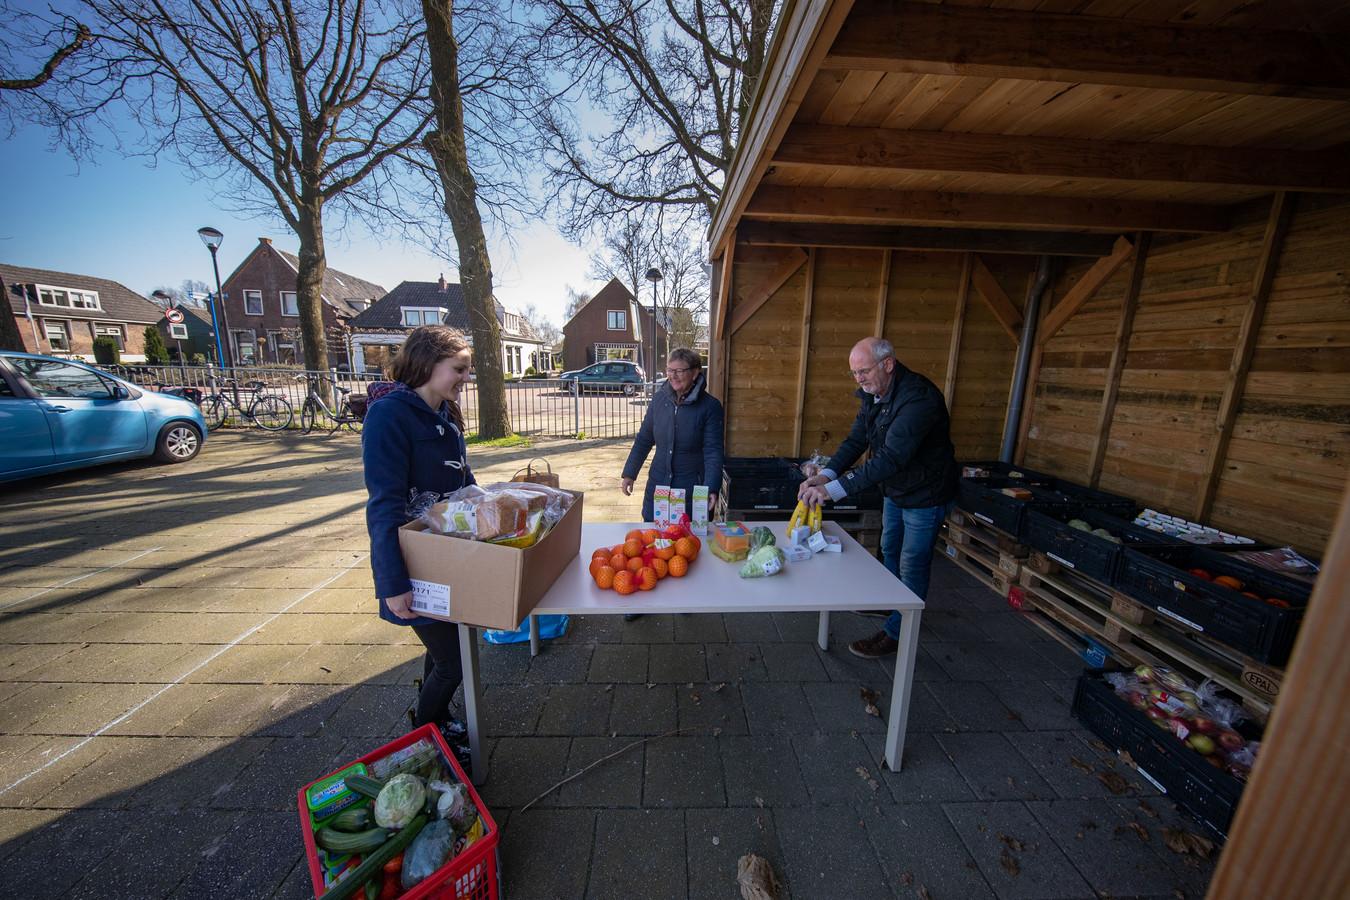 Irene van der Wal (16) kocht boodschappen van een deel van de 200 euro die ze via Tikkies had verzameld. De verse etenswaren zijn voor de Voedselbank Kampen, die door het gehamster een tekort had.